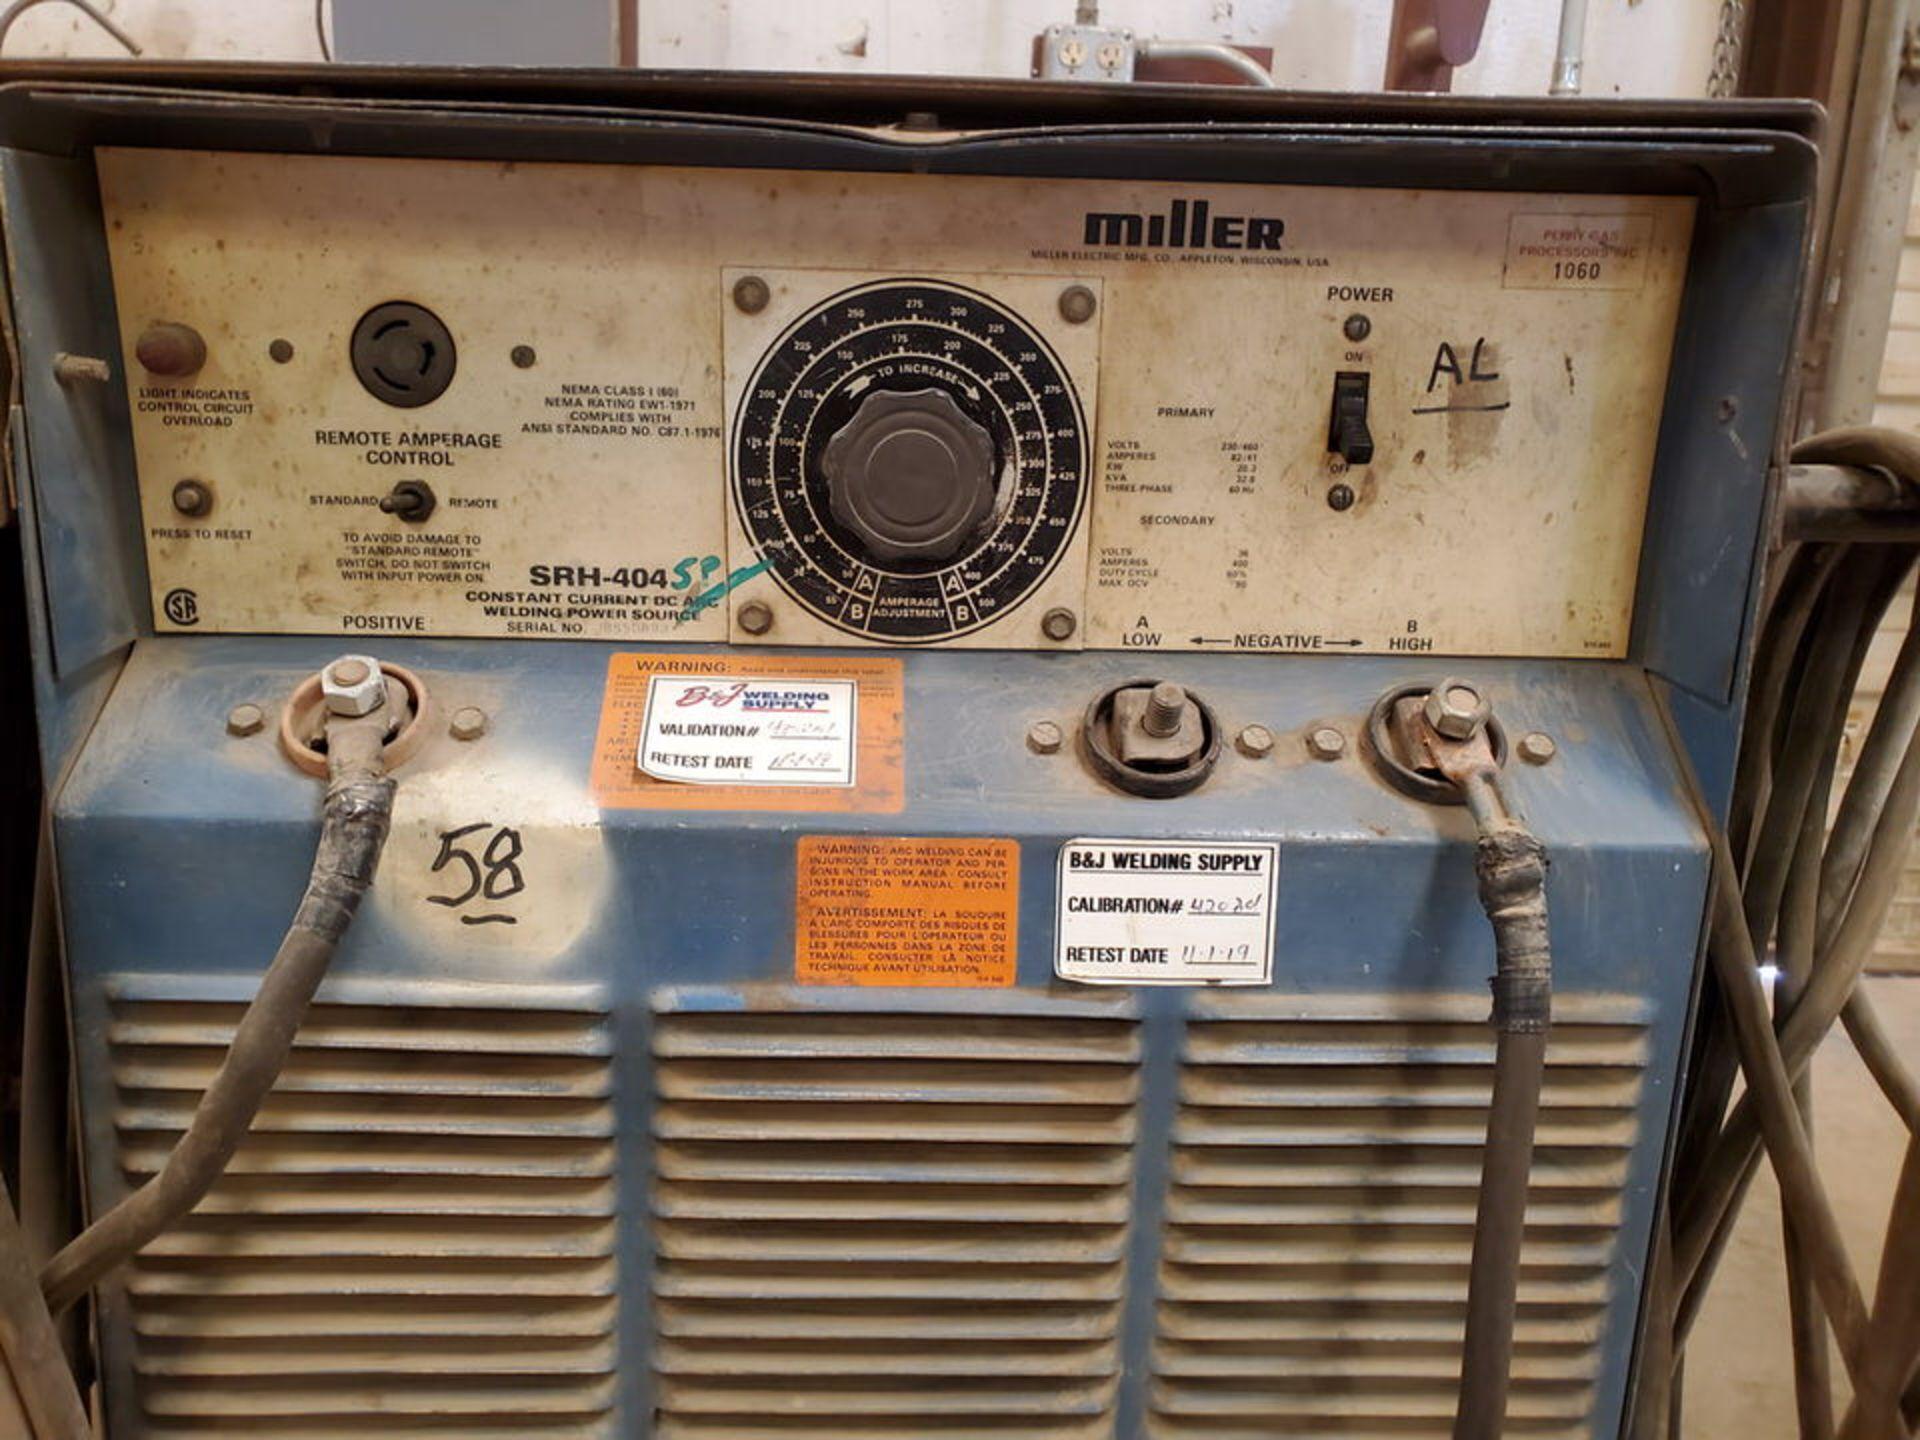 Miller SRH 404 Multiprocessing Welder 230/460V, 82/41A, 3PH, 400A, 60HZ - Image 4 of 6